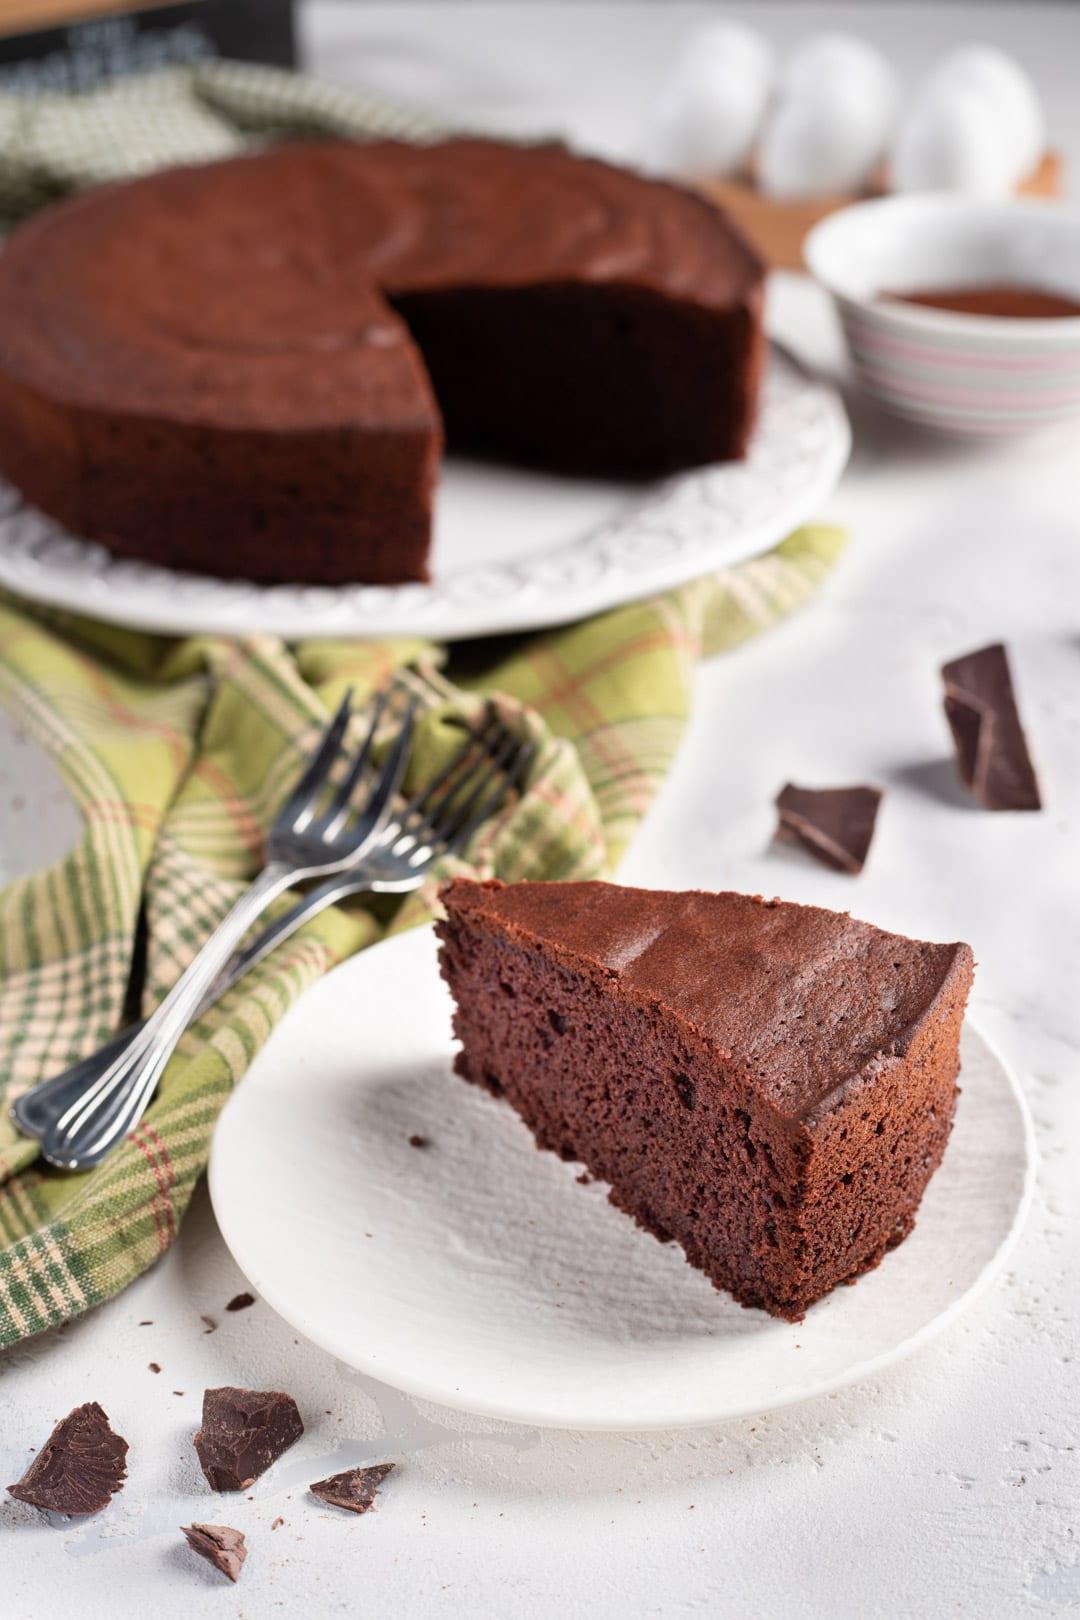 quando sarà fredda, puoi togliere anche la base dello stampo da sotto la torta e adagiarla su di un piatto da portata.